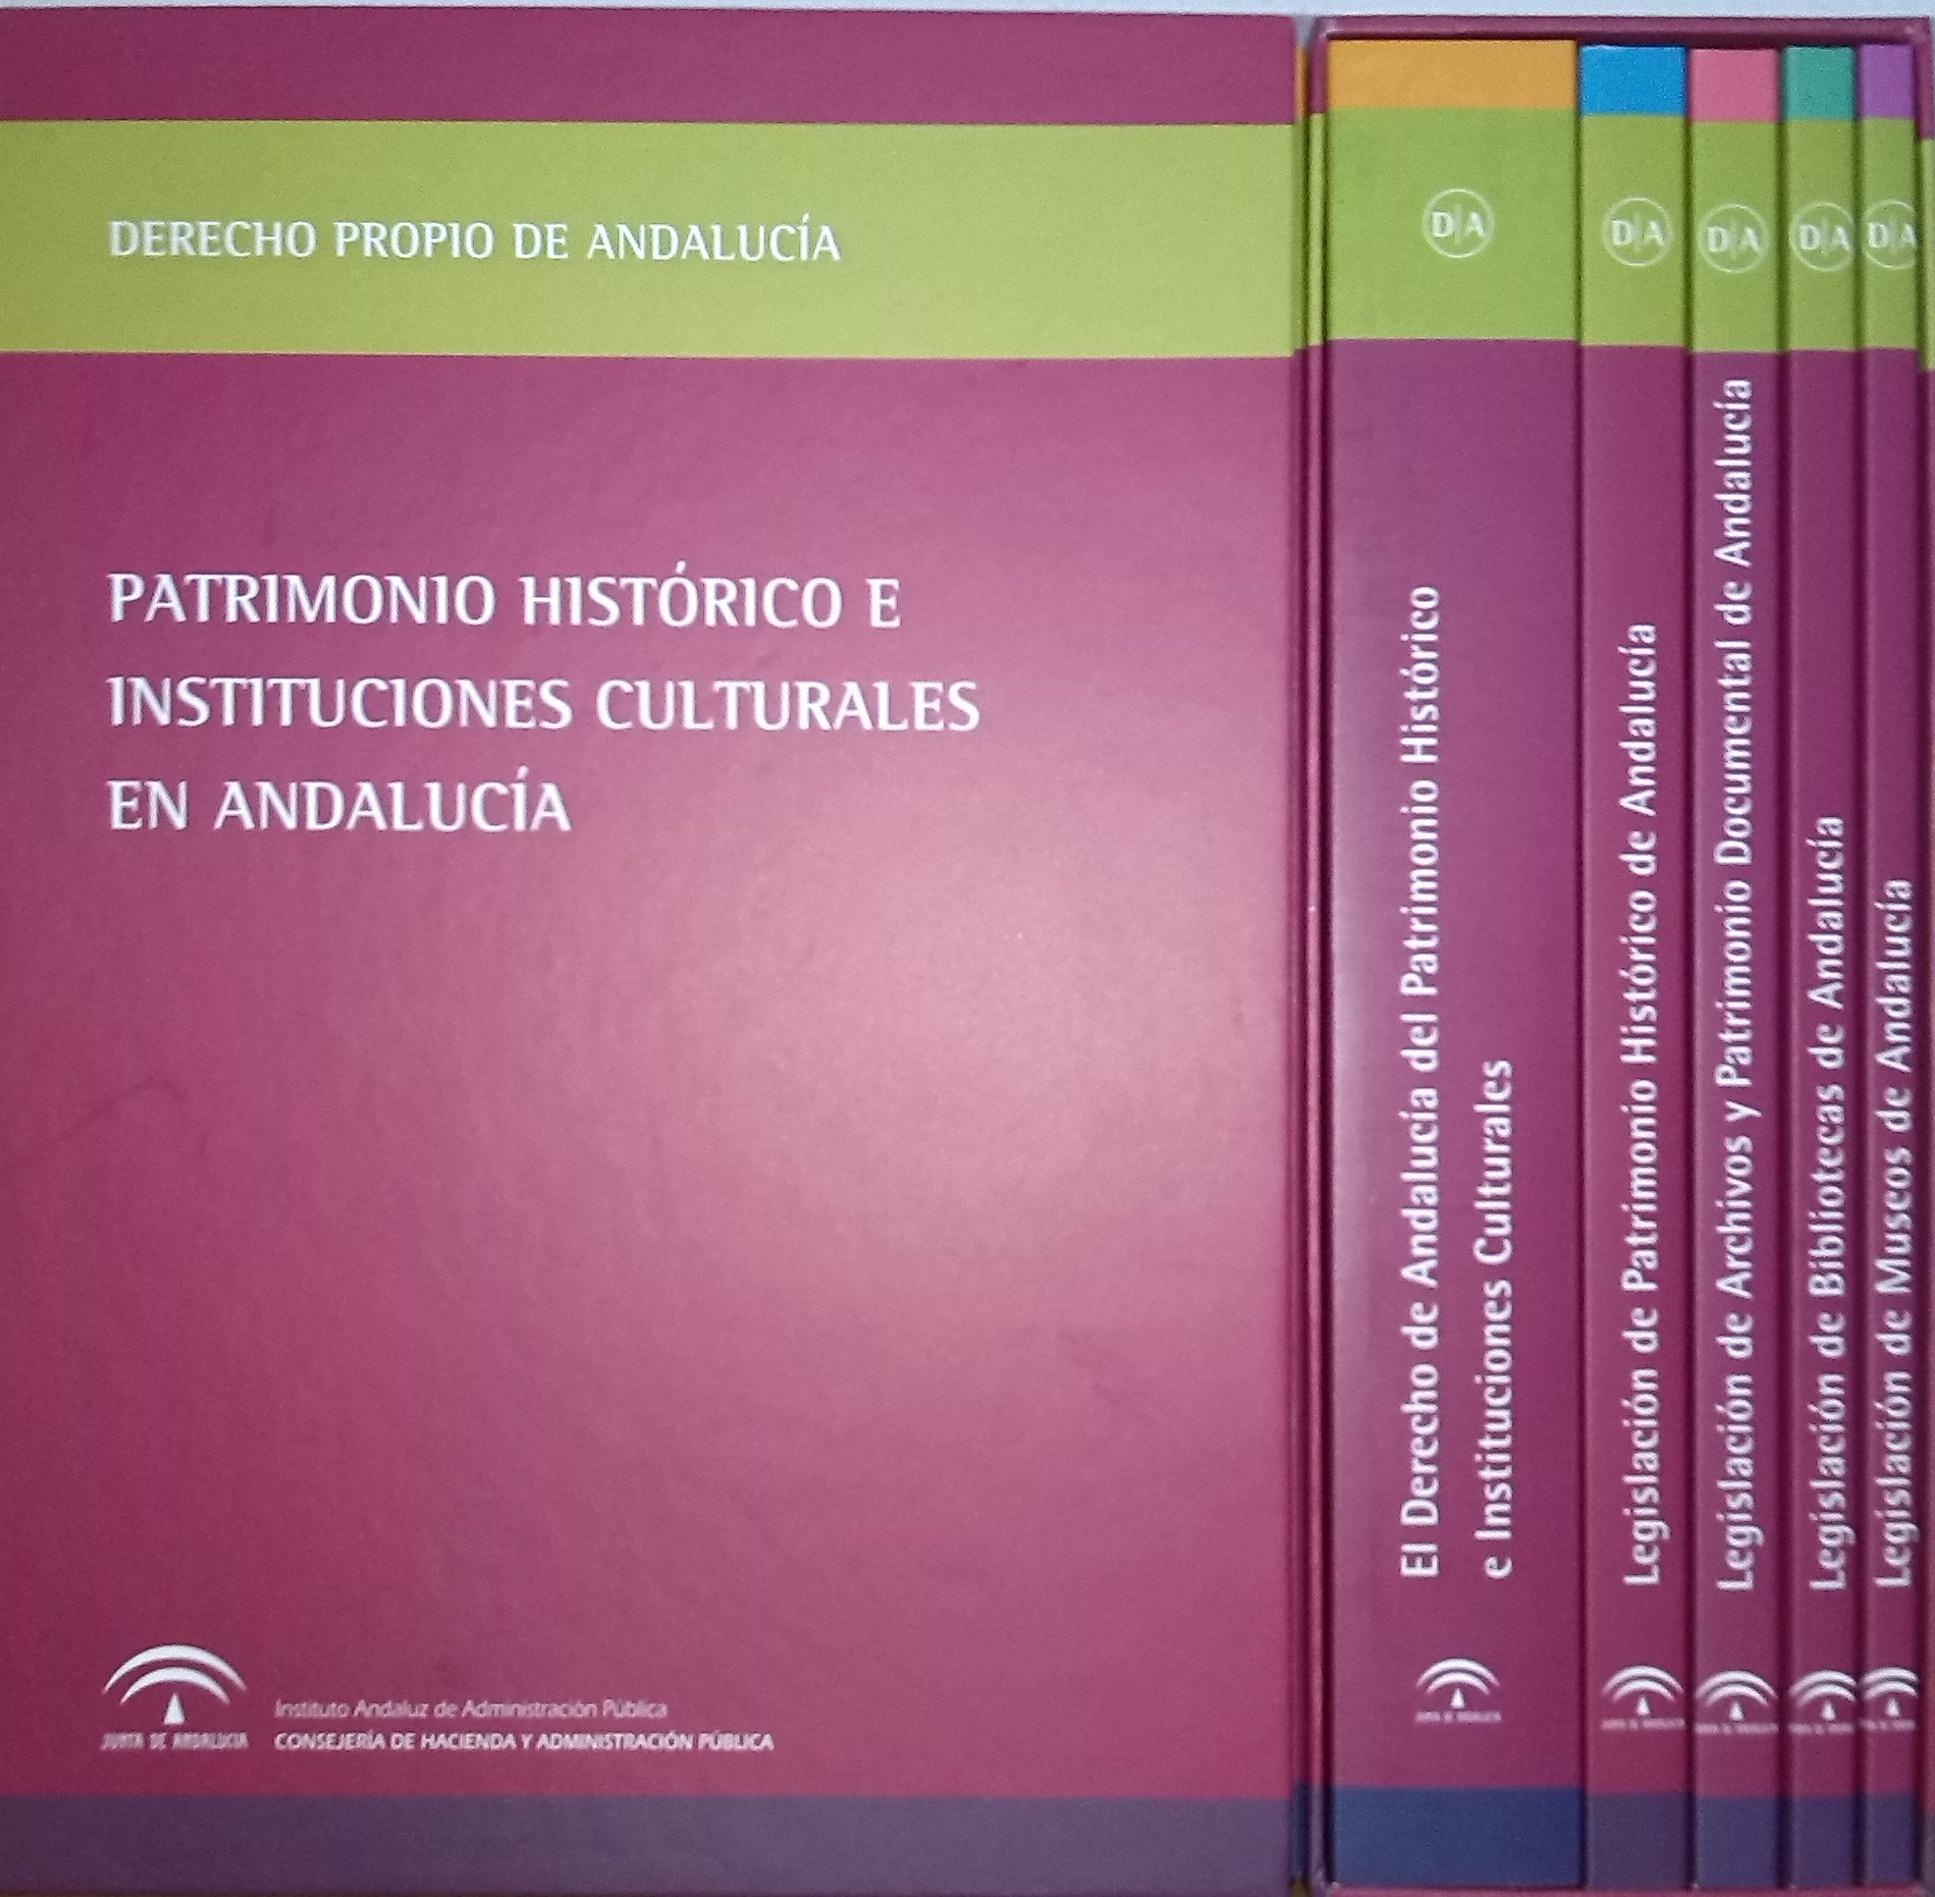 PATRIMONIO HIST�RICO E INSTITUCIONES CULTURALES EN ANDALUC�A (COMPENDIO NORMATIVO)